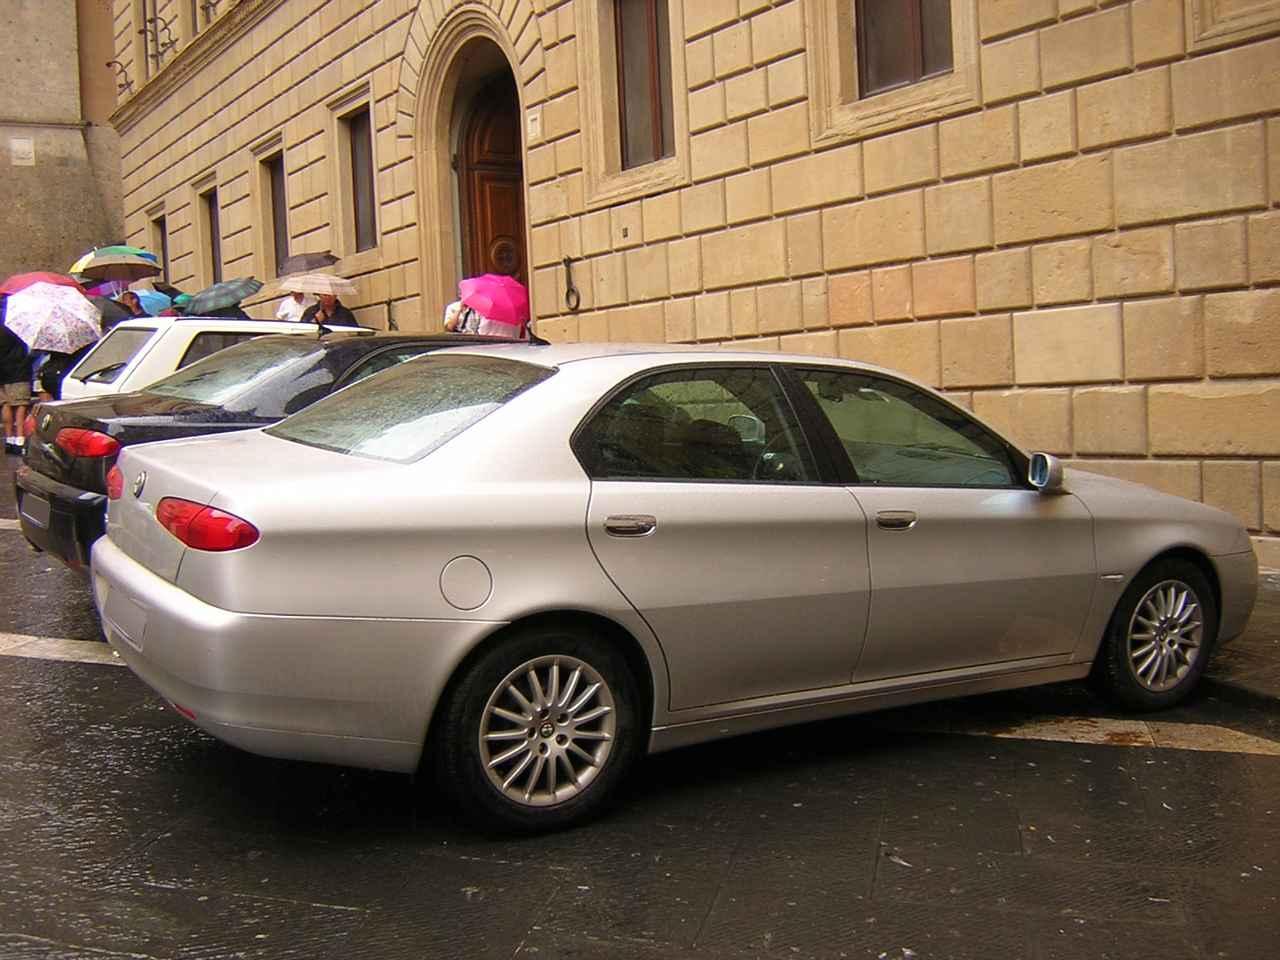 画像: アルファ・ロメオ164は人気だったが、写真の166が誕生した頃には、イタリア人の中でセダンといえばドイツ製プレミアムモデルになってしまっていた。2005年9月。